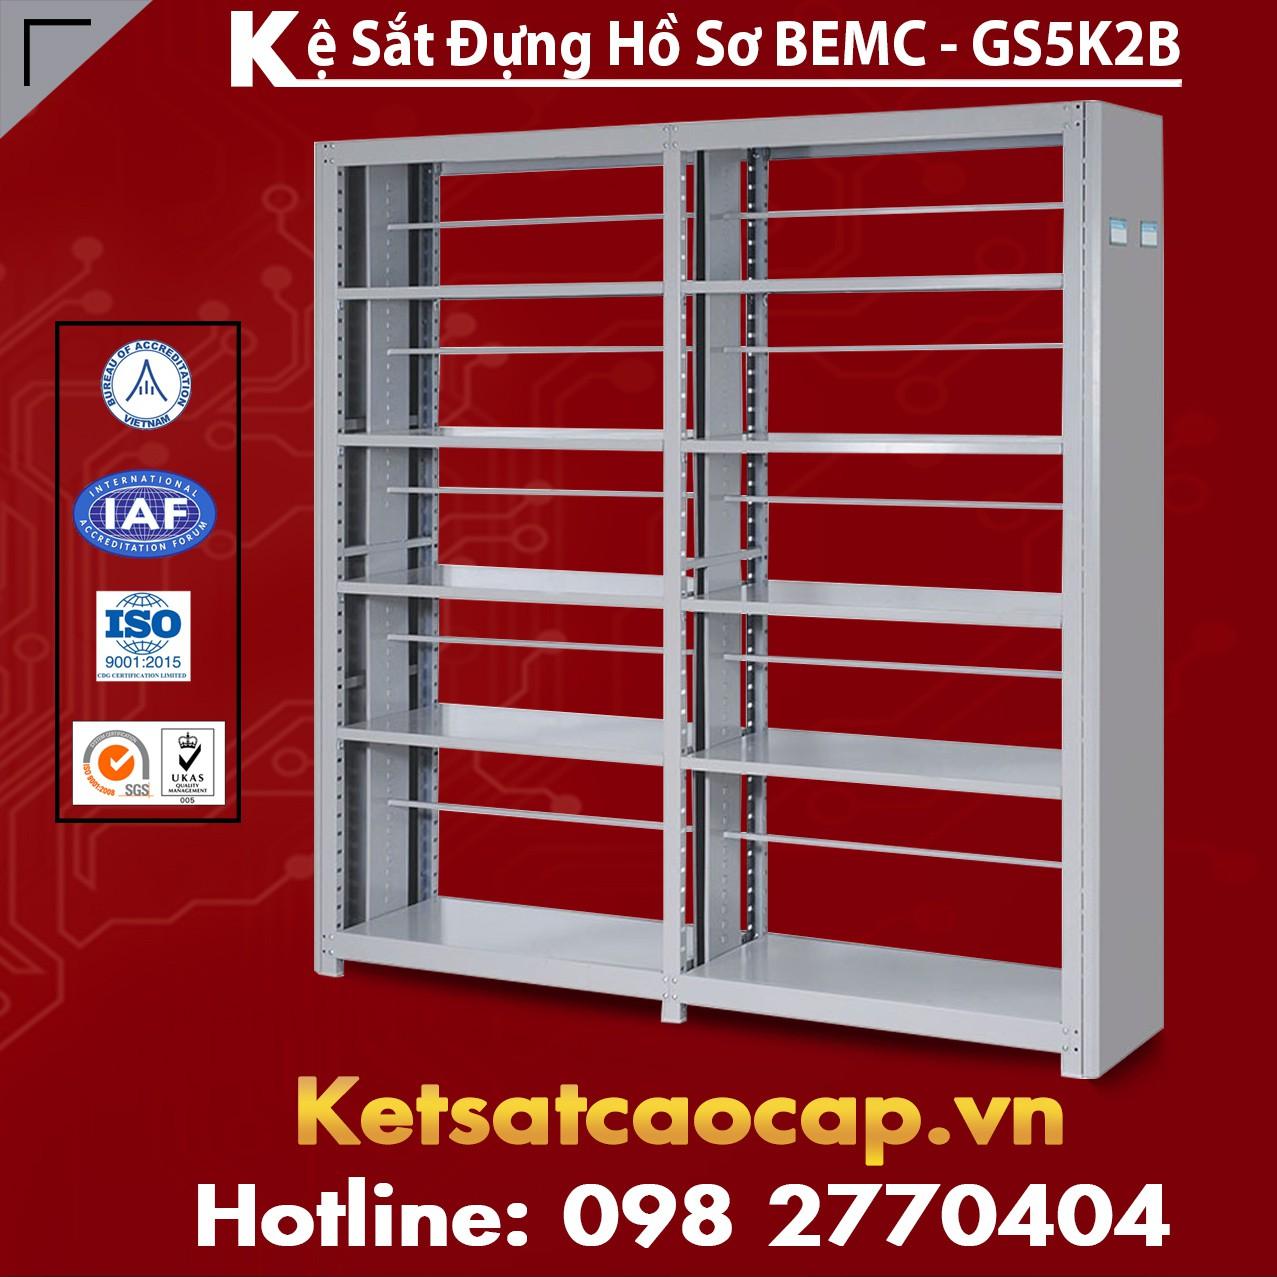 Kệ Sắt BEMC-GS5K2B